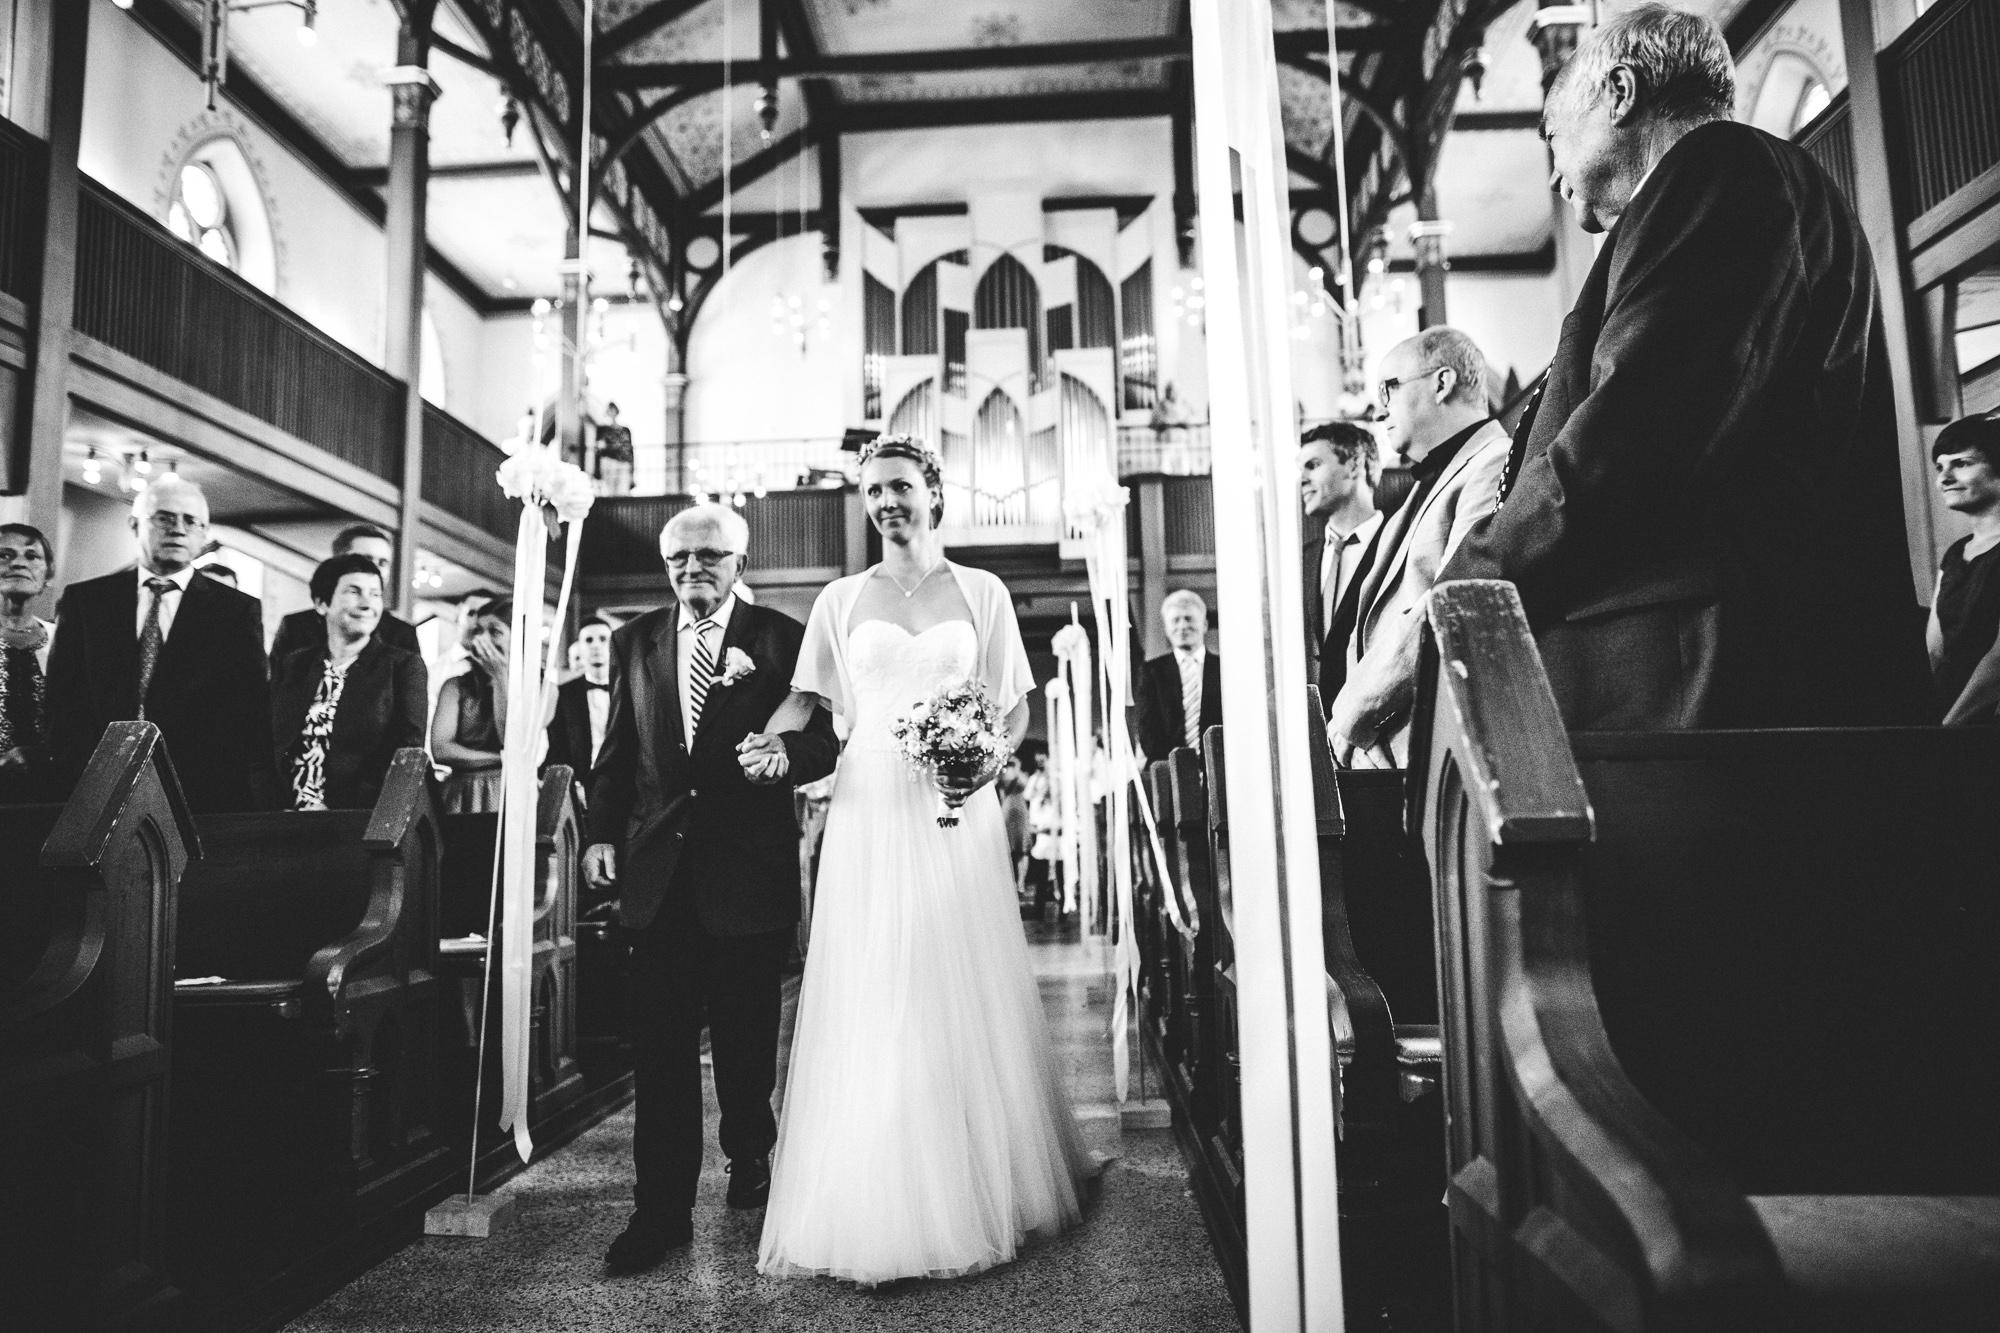 annethomas 045 - Hochzeit im wunderschönen Ladenburg in Eichenstolz